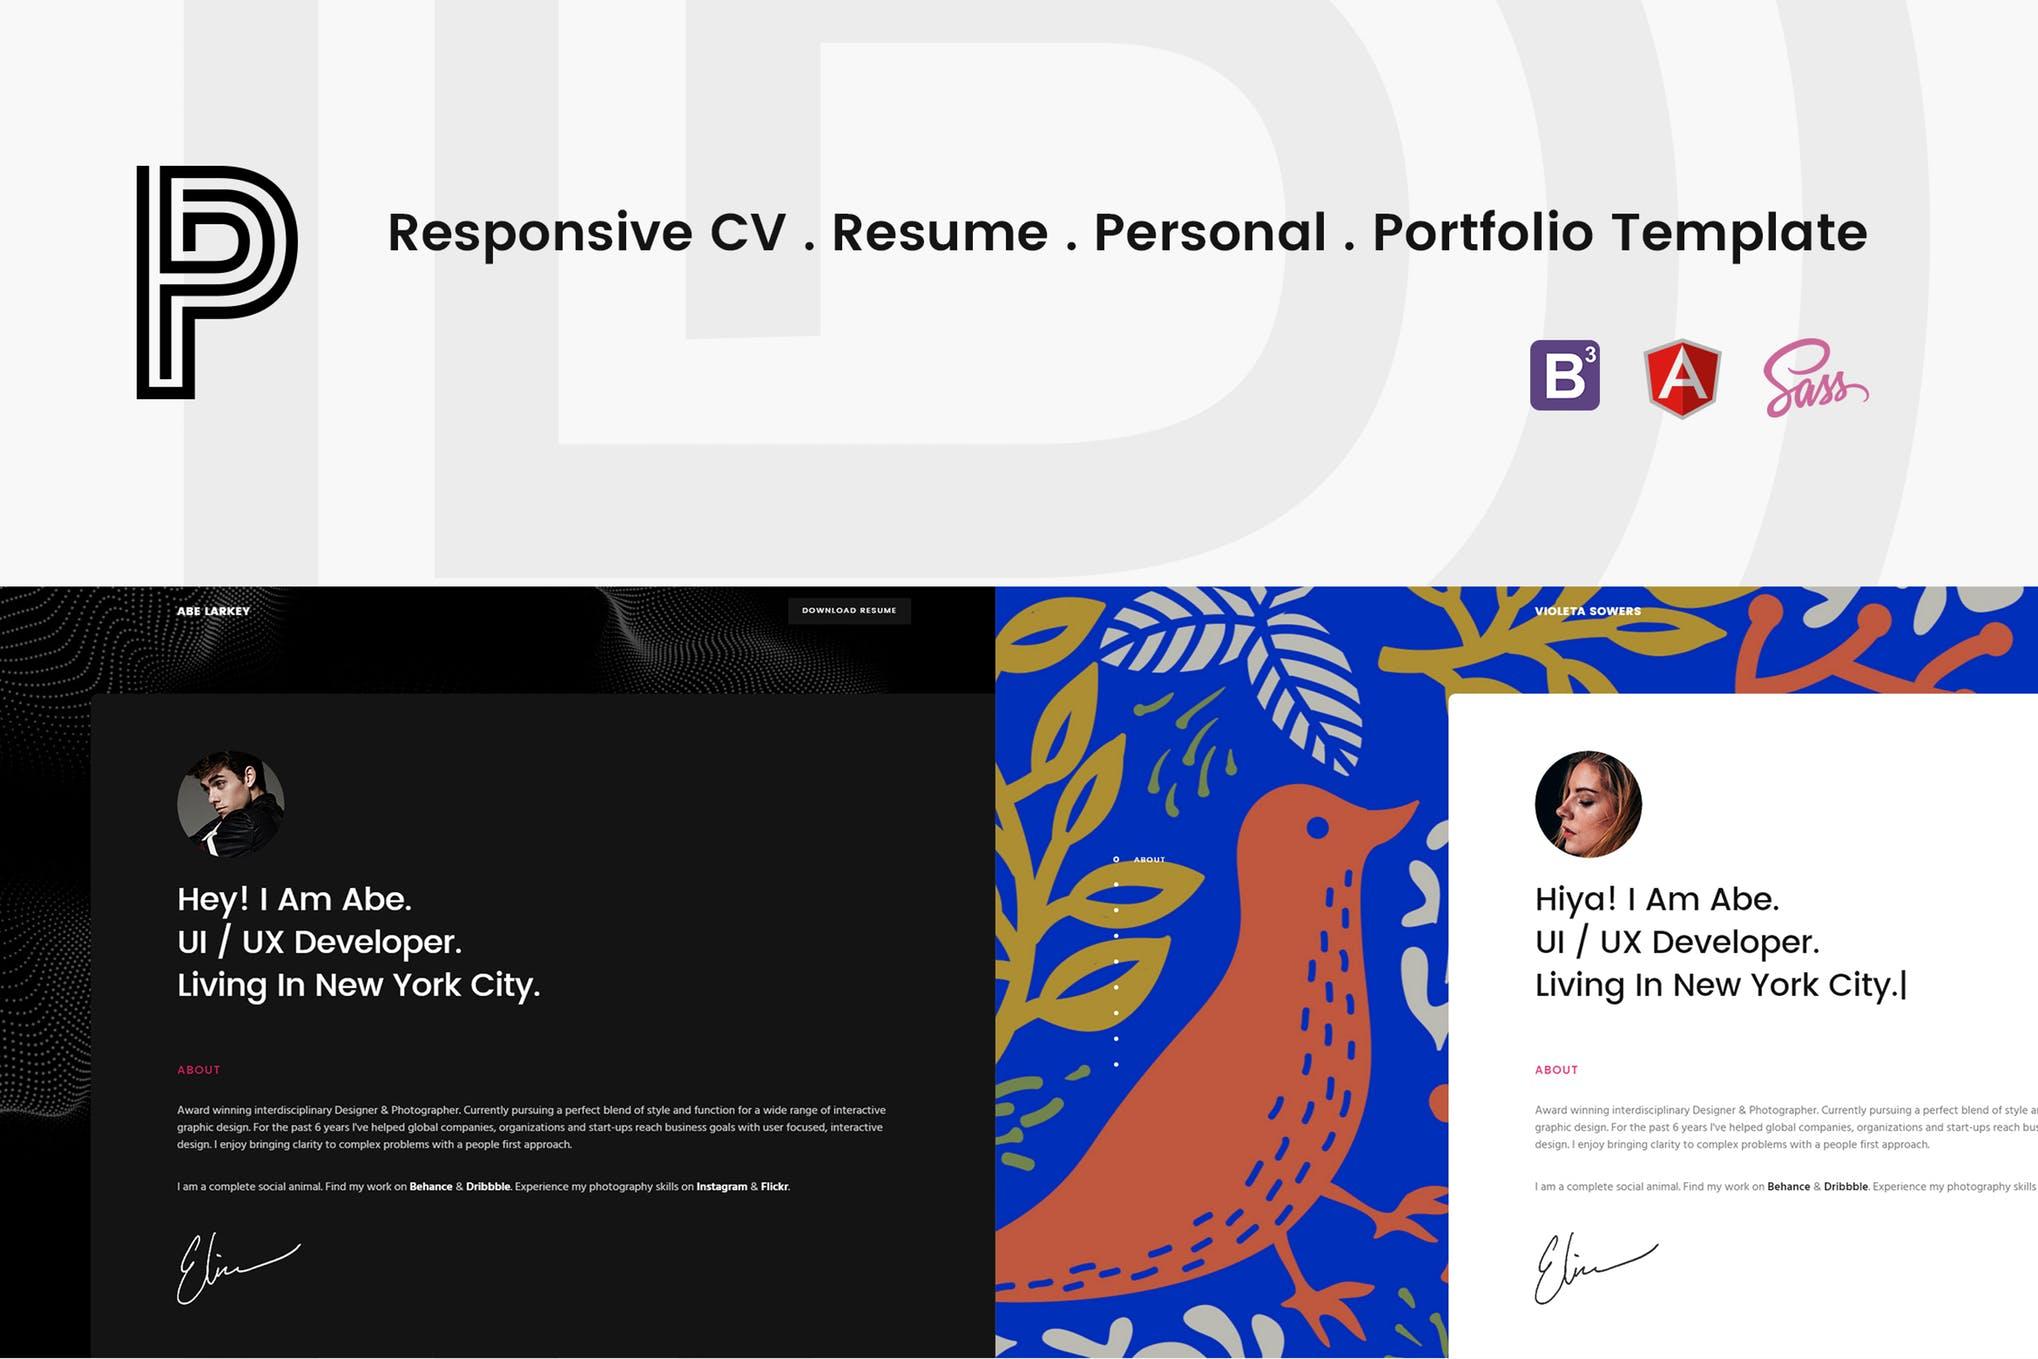 Penelope - Responsive CV/Resume Mockup